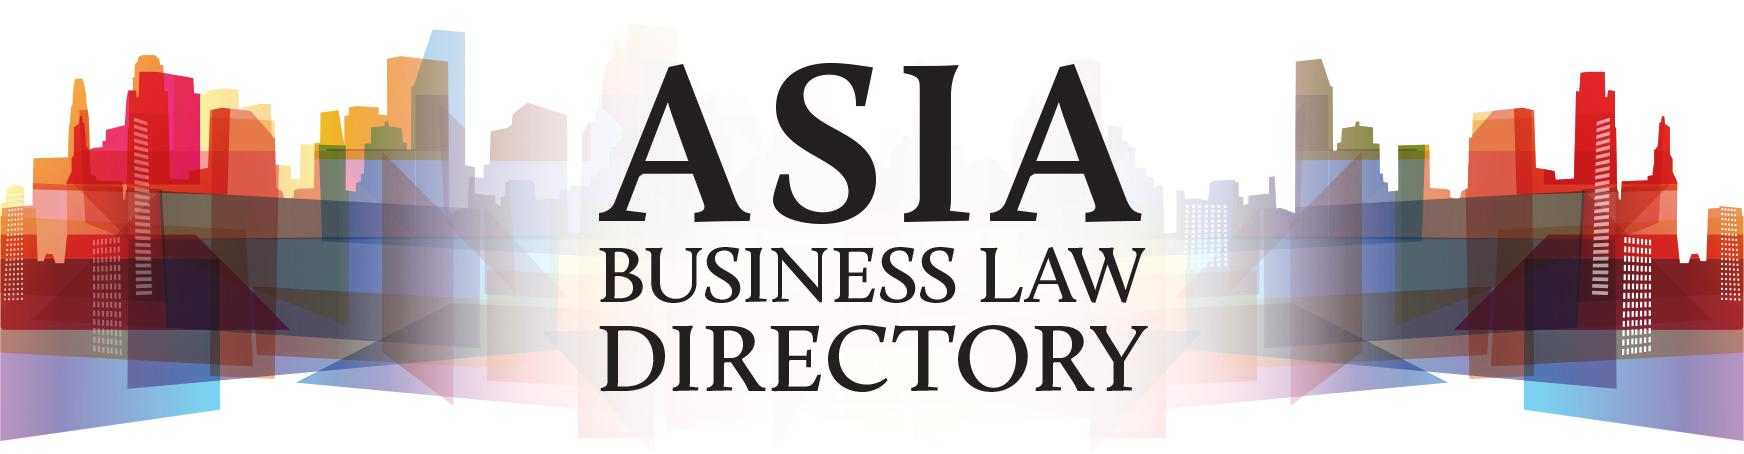 ABLJ-Directory-Header-3